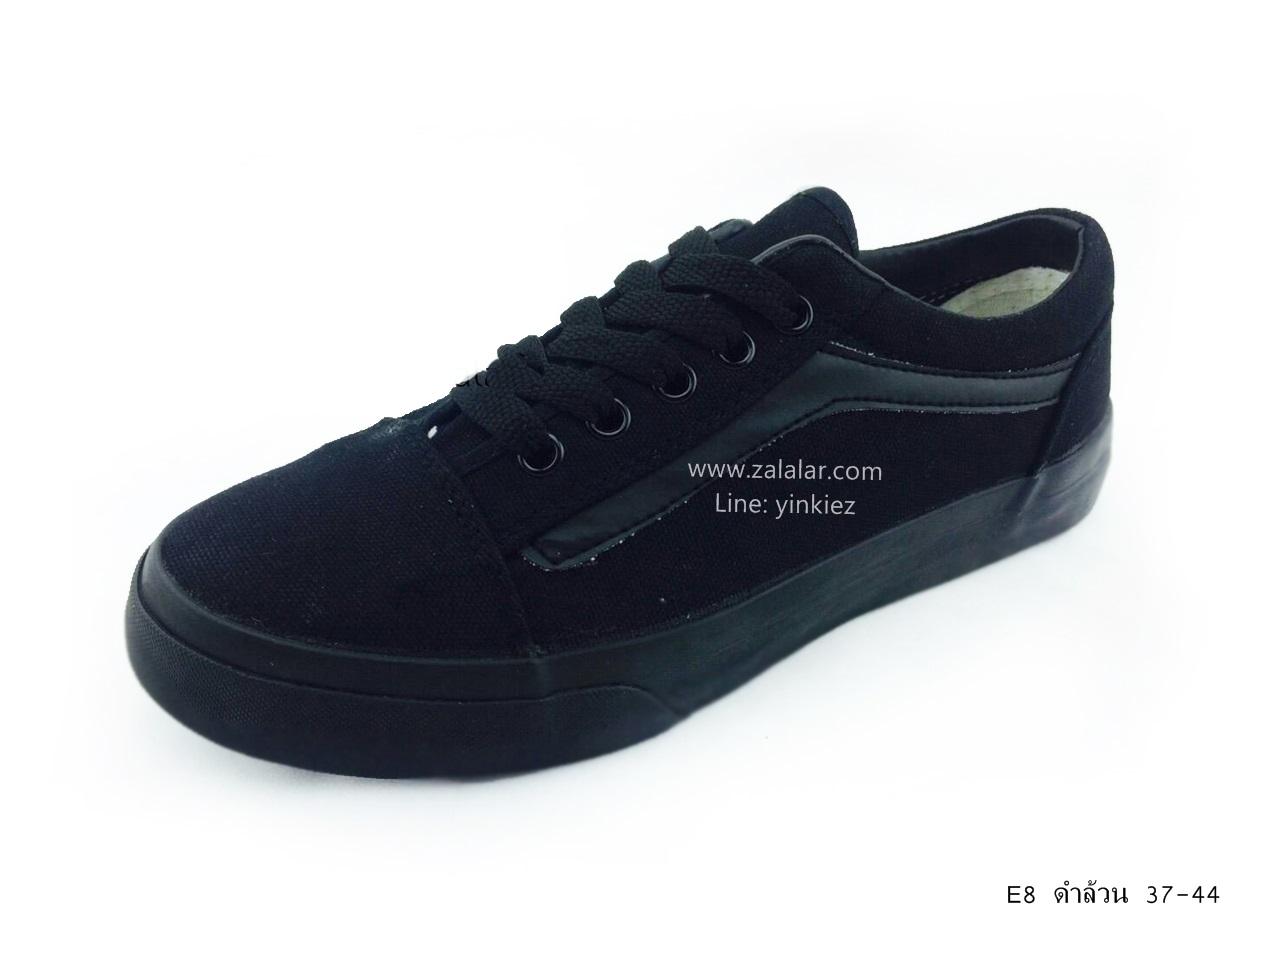 [พร้อมส่ง] รองเท้าผ้าใบแฟชั่น รุ่น E-8 สีดำล้วน